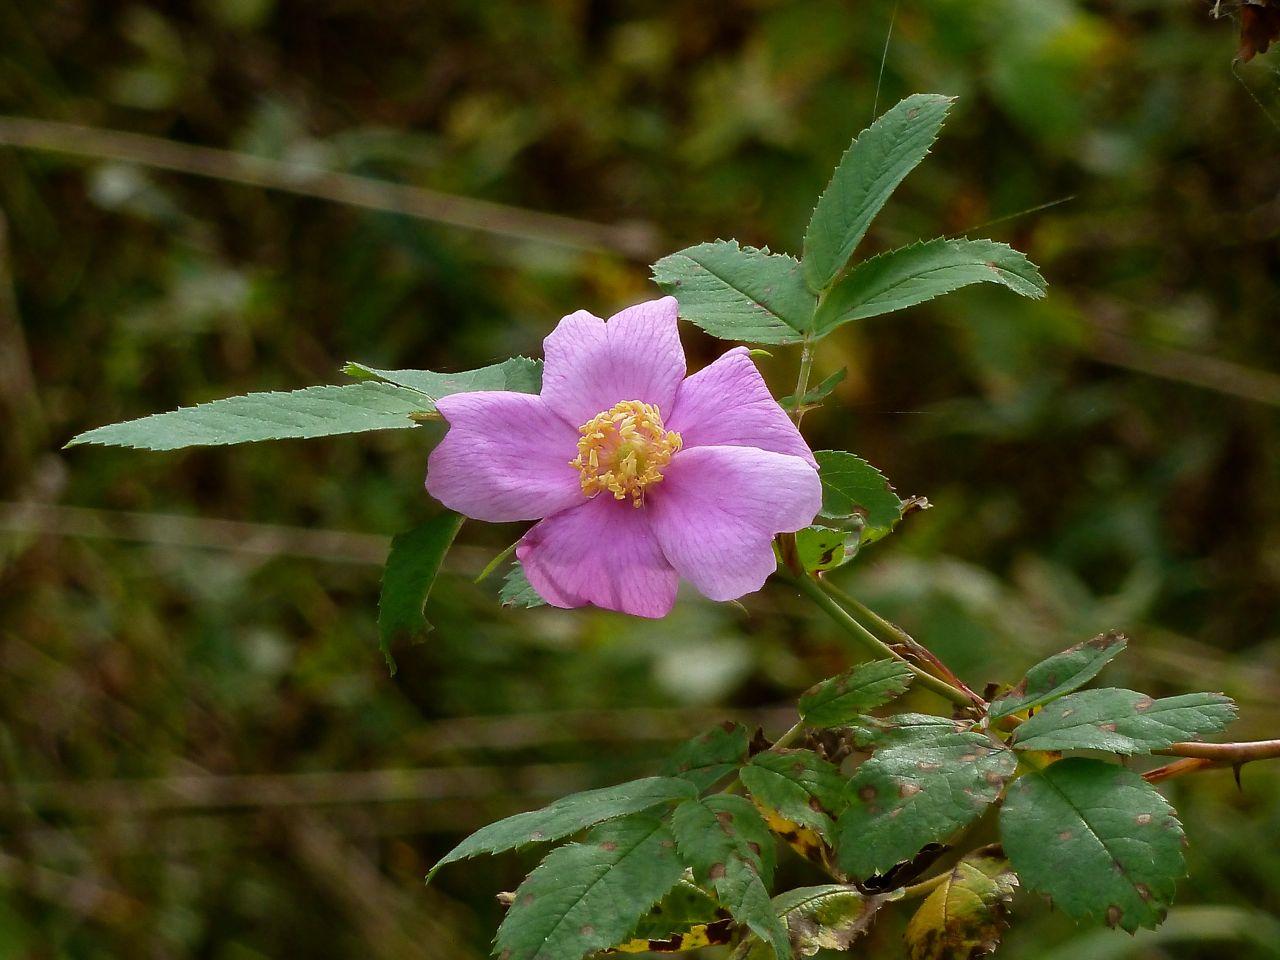 Шиповник луговой (Rosa pratorum). Автор фото:Сергей Апполонов